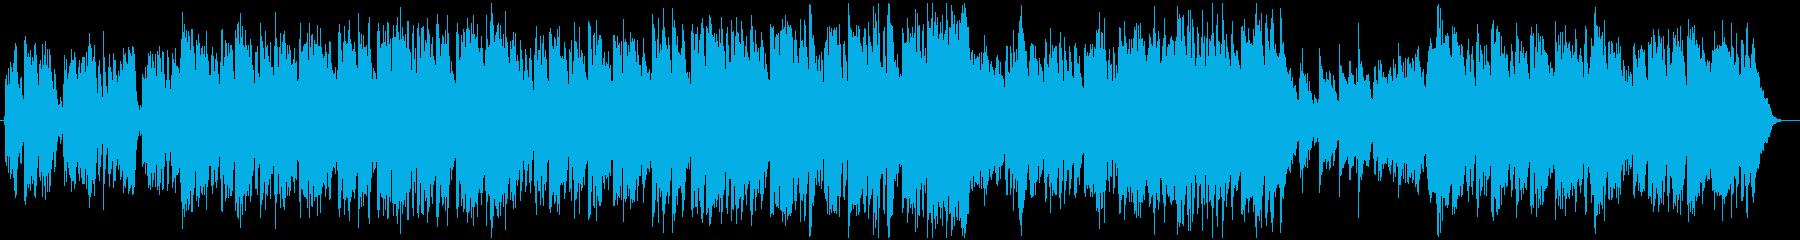 ハロウィンやホラーな雰囲気のBGMの再生済みの波形